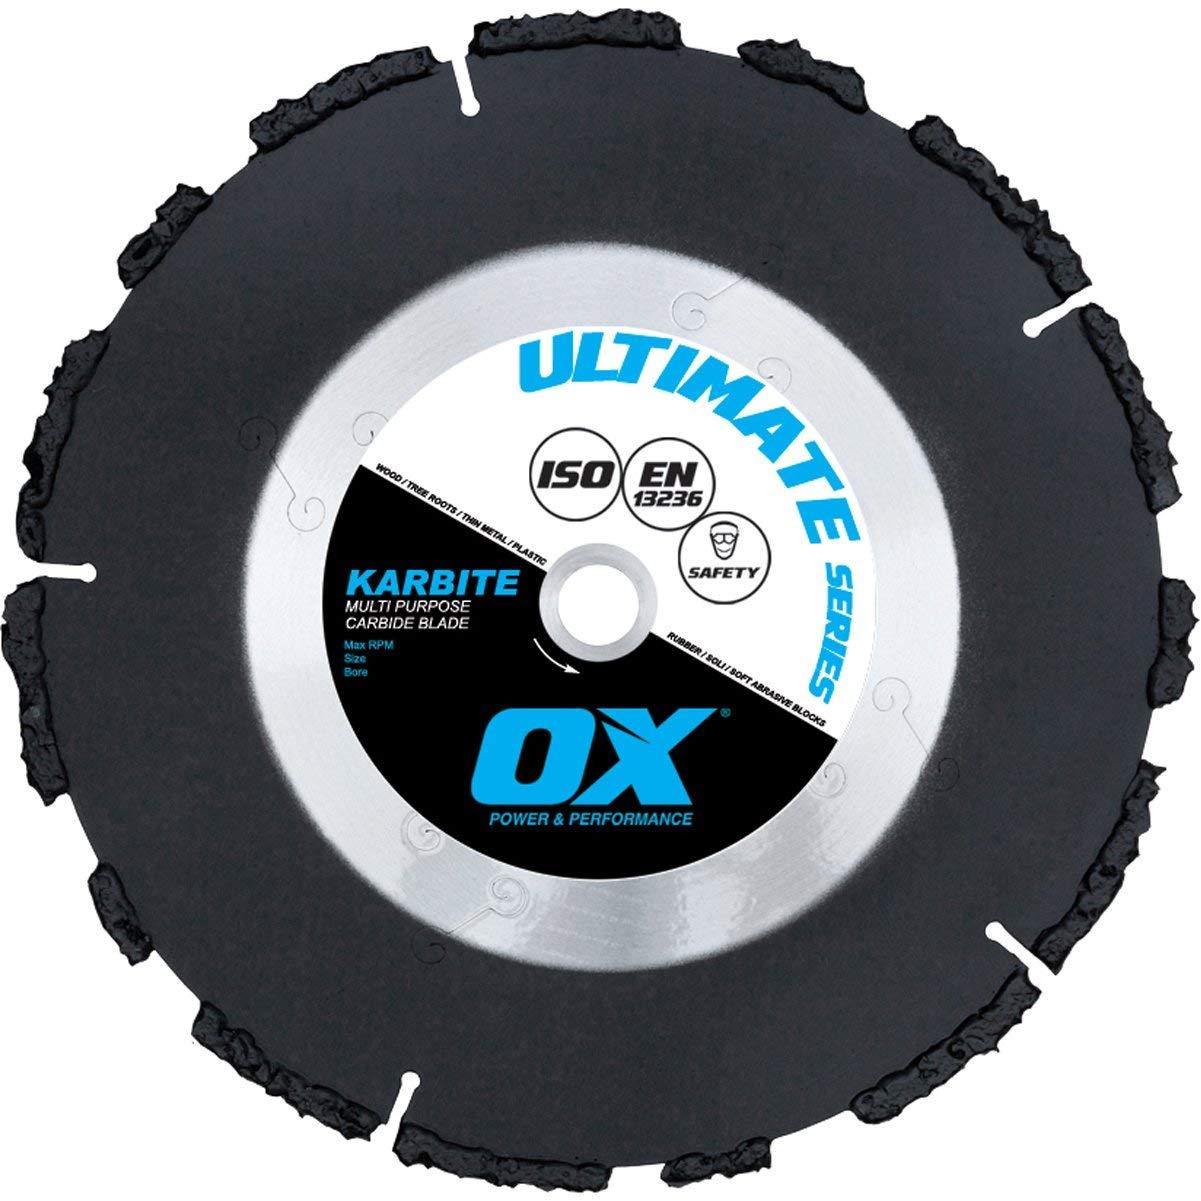 OX OX-UKB-4.5 Ultimate Multi-Purpose 4.5-Inch Carbide Blade, 7/8-Inch-5/8-Inch Bore